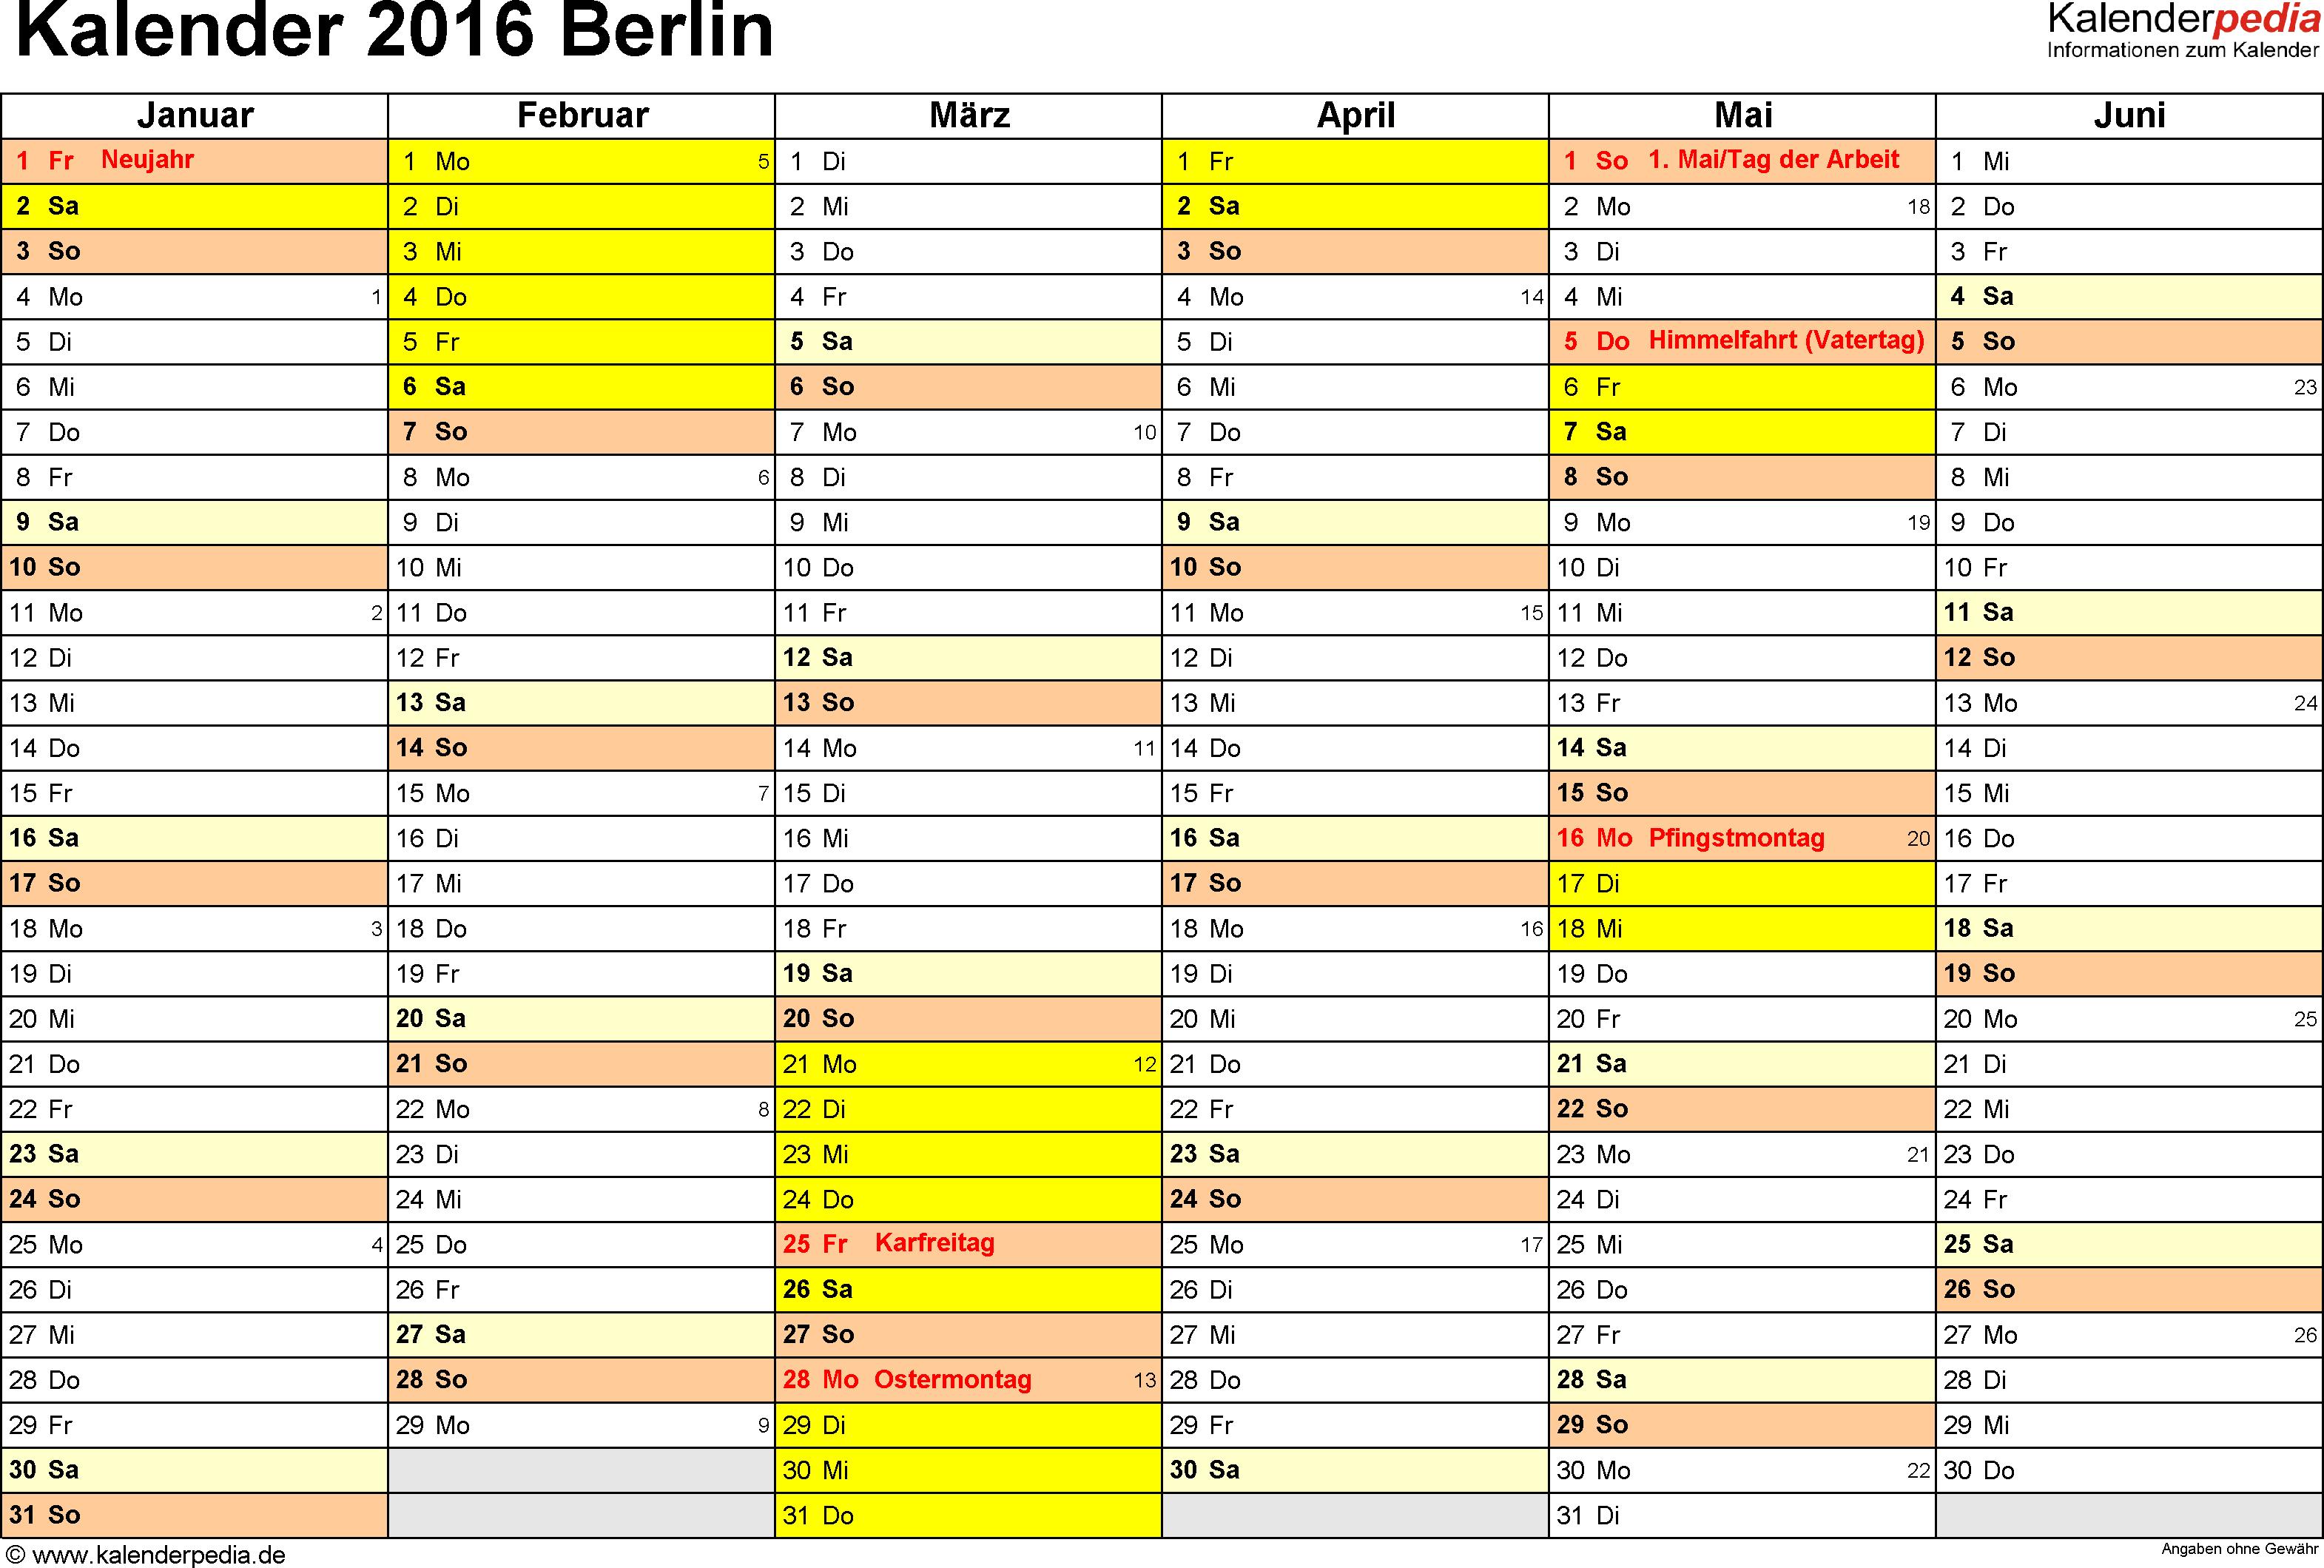 Vorlage 2: Kalender 2016 für Berlin als Word-Vorlage (Querformat, 2 Seiten)